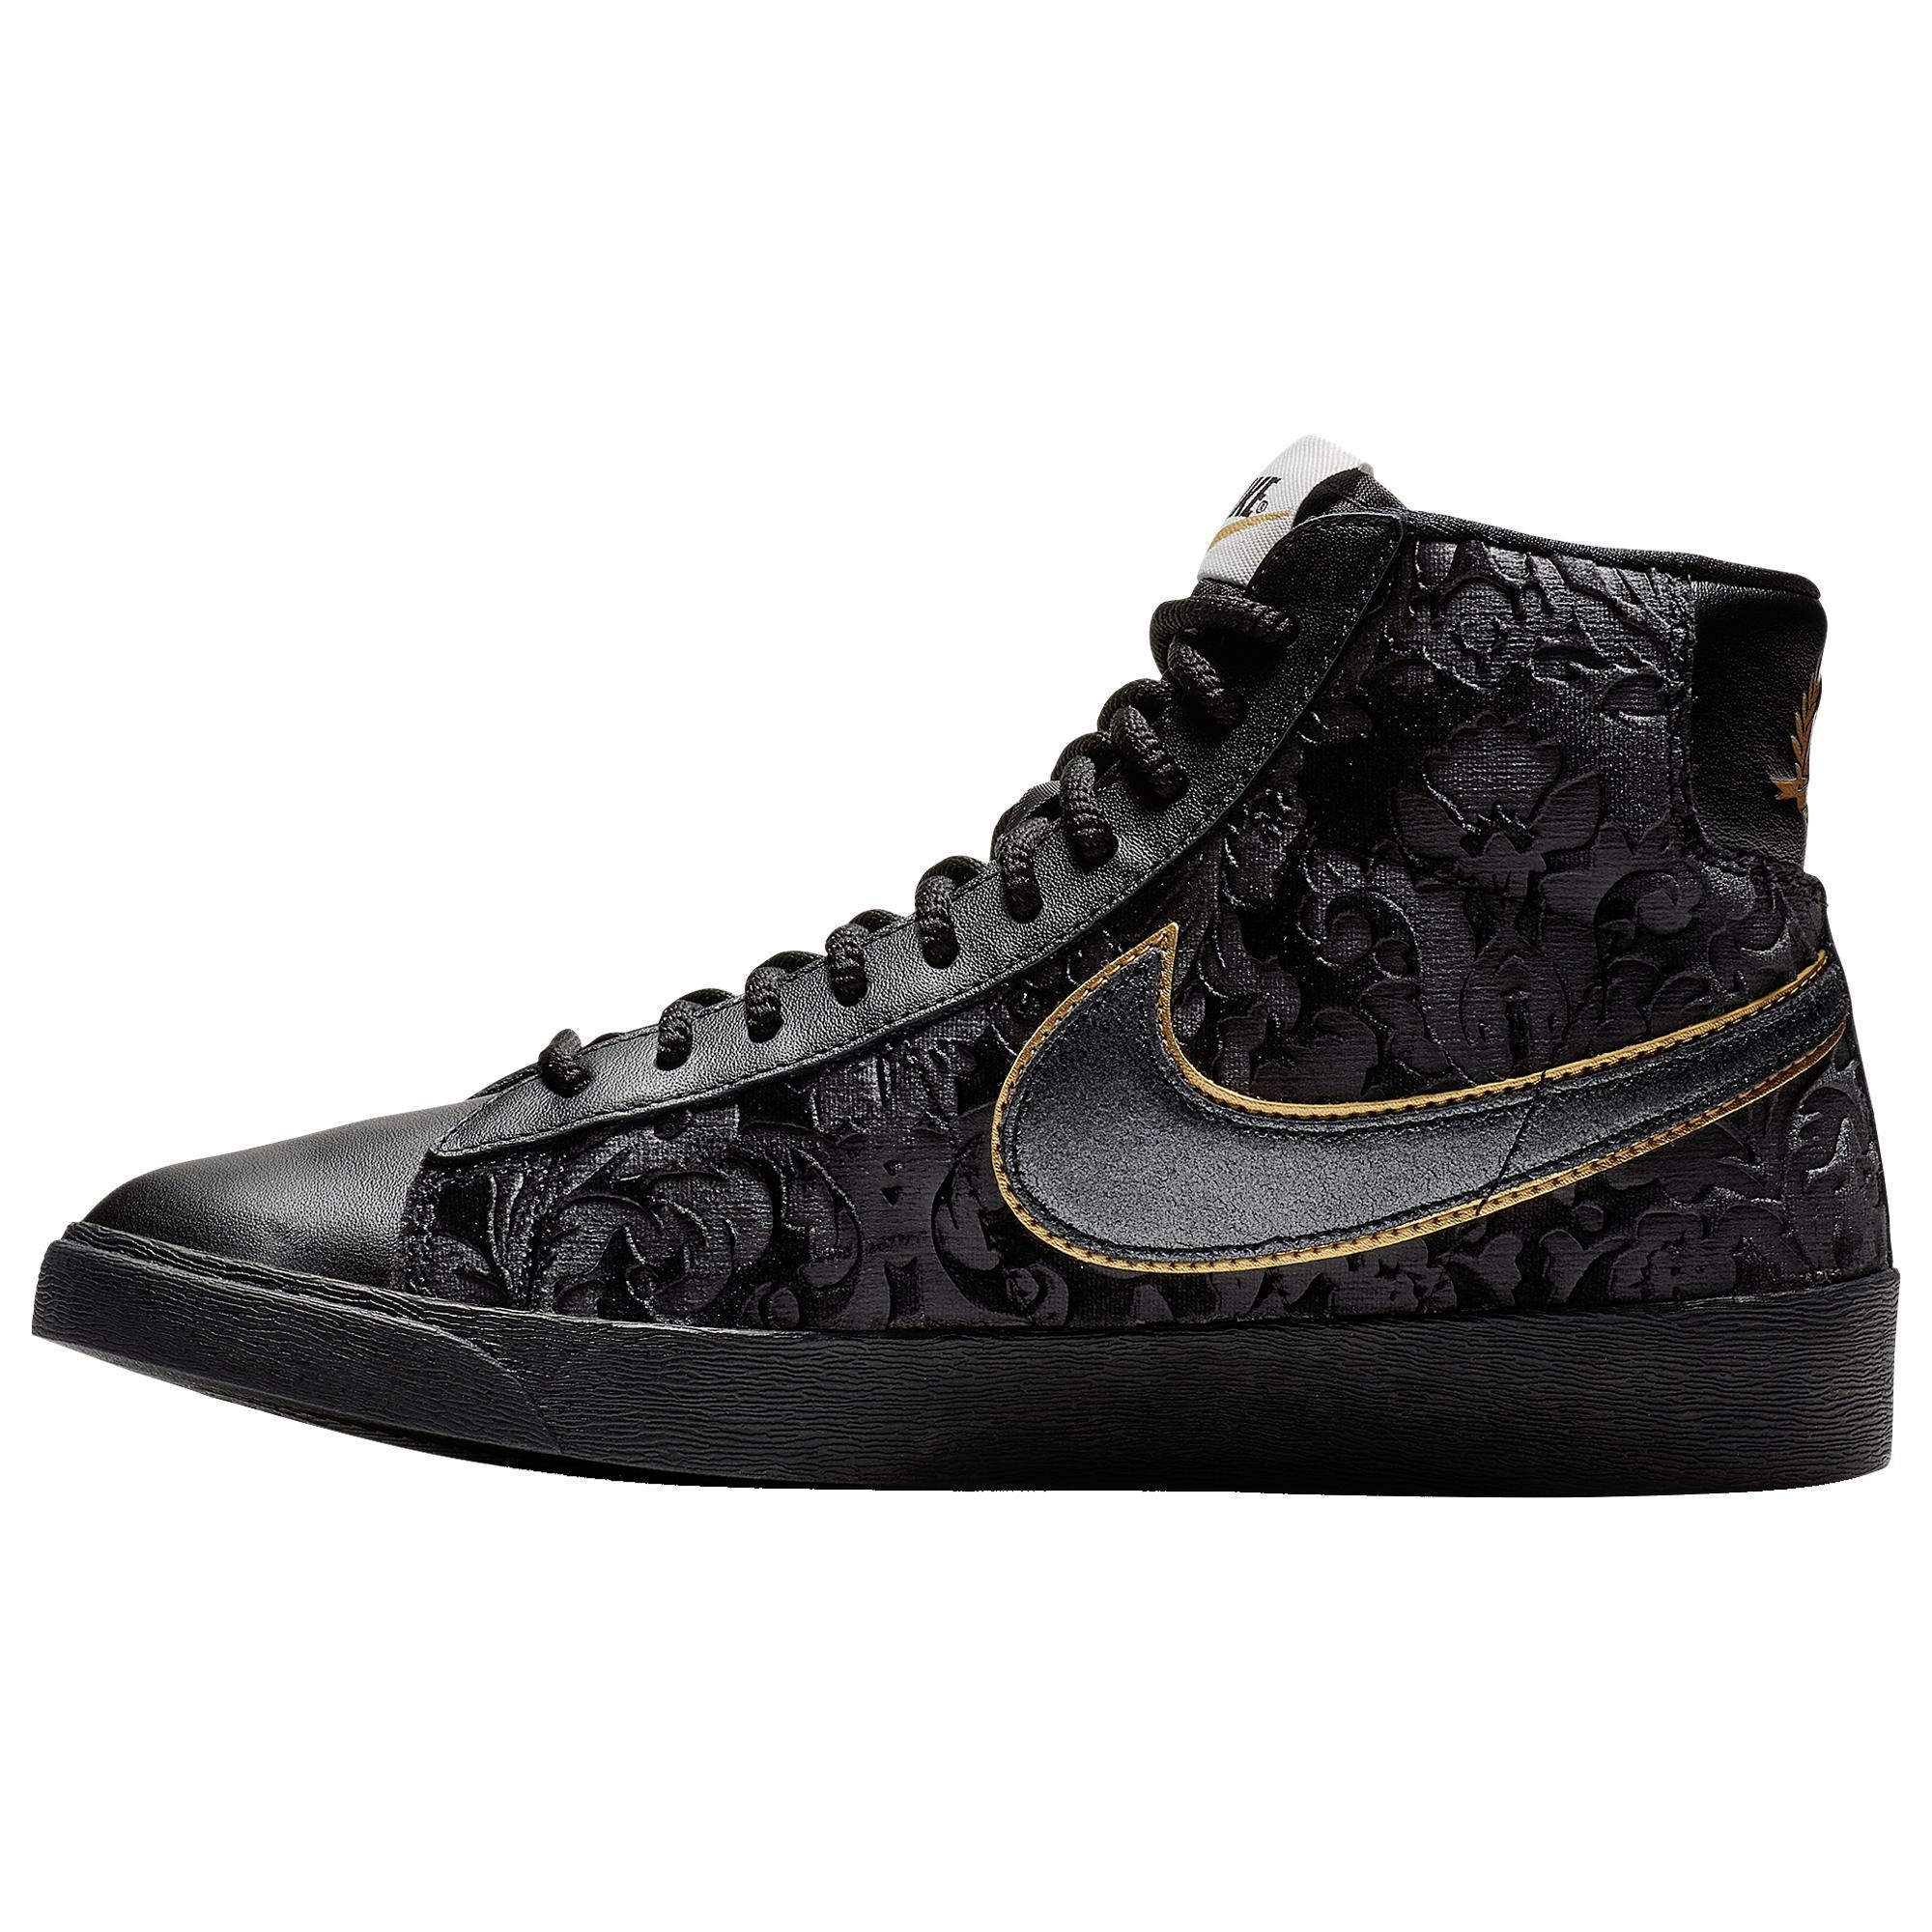 Sastre Amoroso Enjuague bucal  Nike Womens Blazer Mid Velvet in Black/Black-Metallic Gold (Black) - Lyst